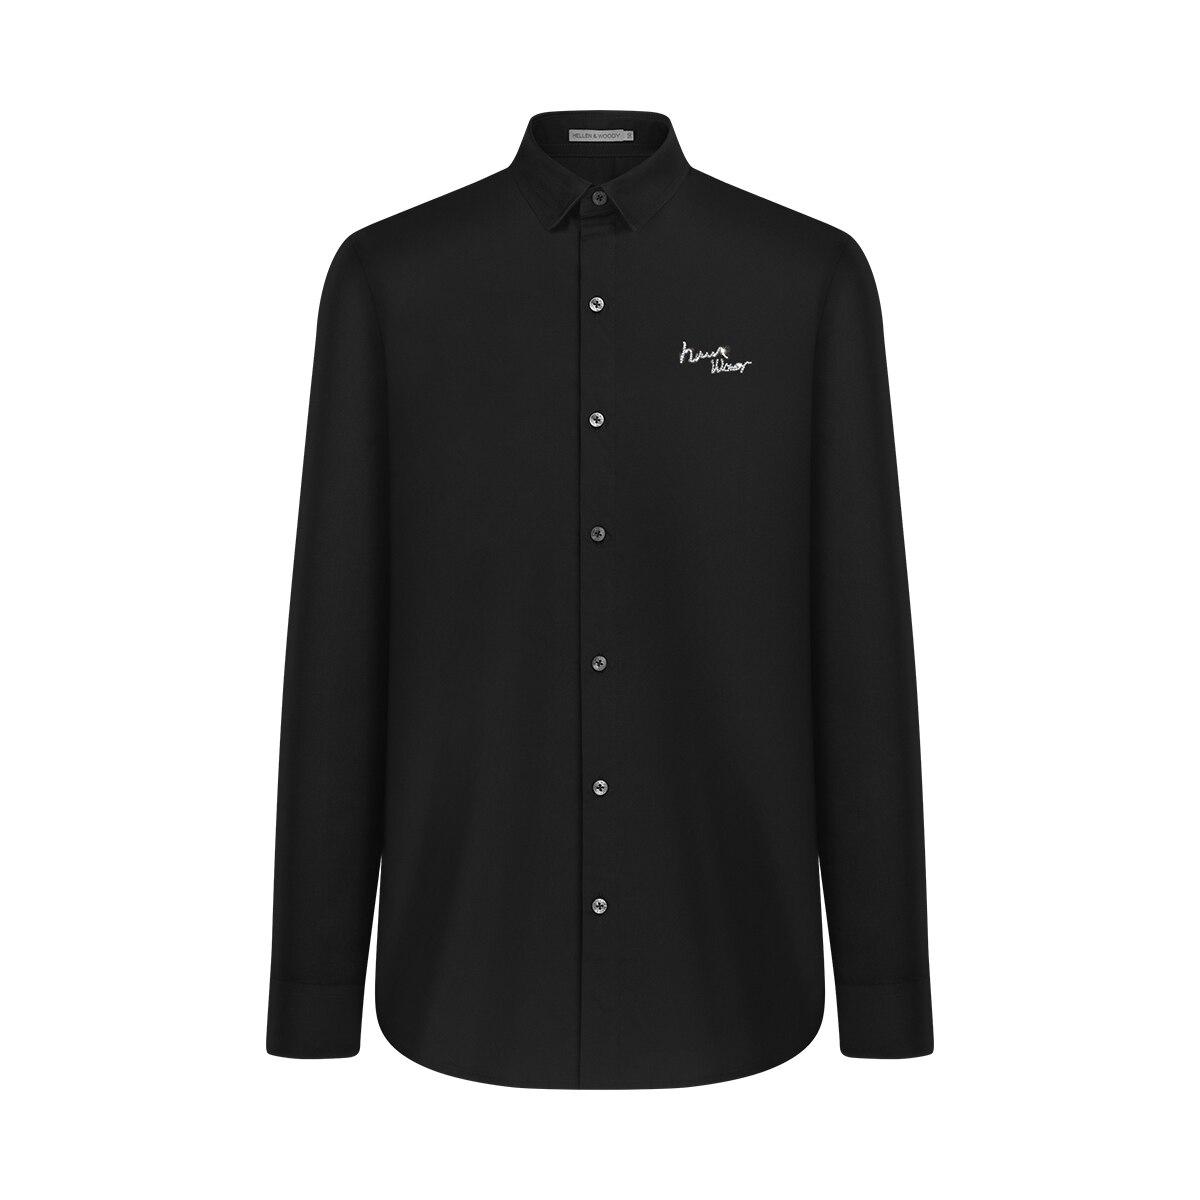 HW новое поступление, мужская мода 2020, роскошные Брендовые повседневные черные рубашки с алмазным логотипом, хлопковые рубашки на молнии